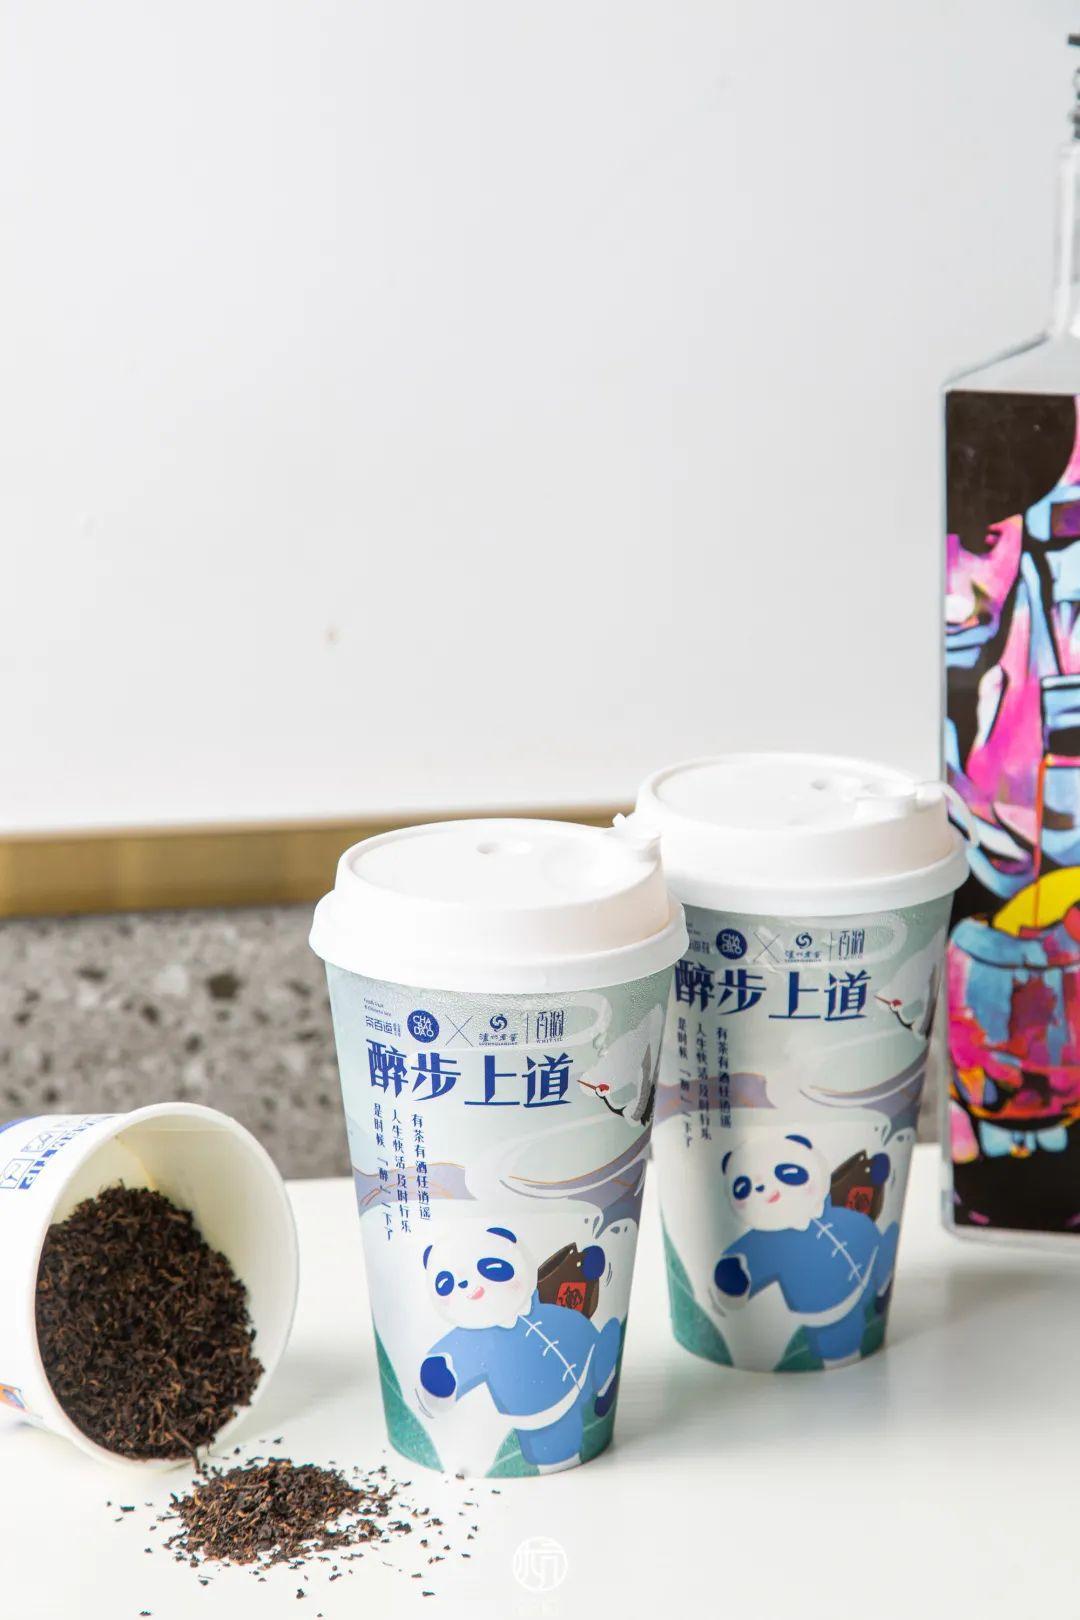 买一送一!秋天的第一杯奶茶,茶百道请你喝!(图42)